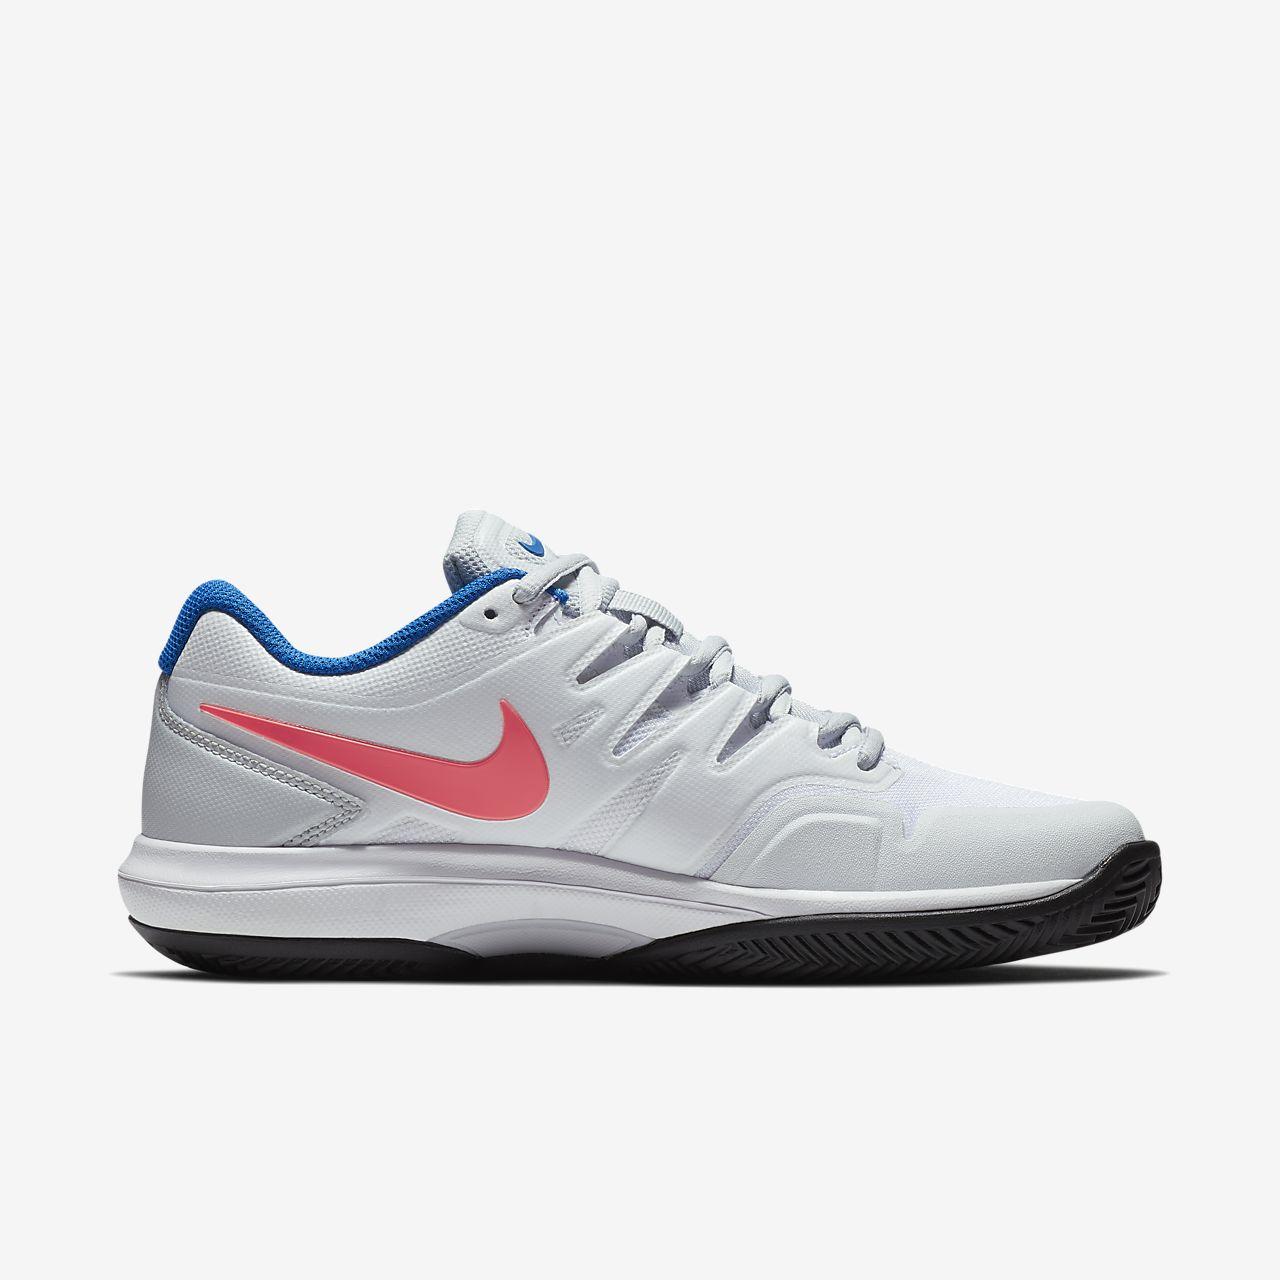 Metcon 4 Formateurs En Blanc Et Argent - Argent El Nike Blanc / Mtlc sYlv0